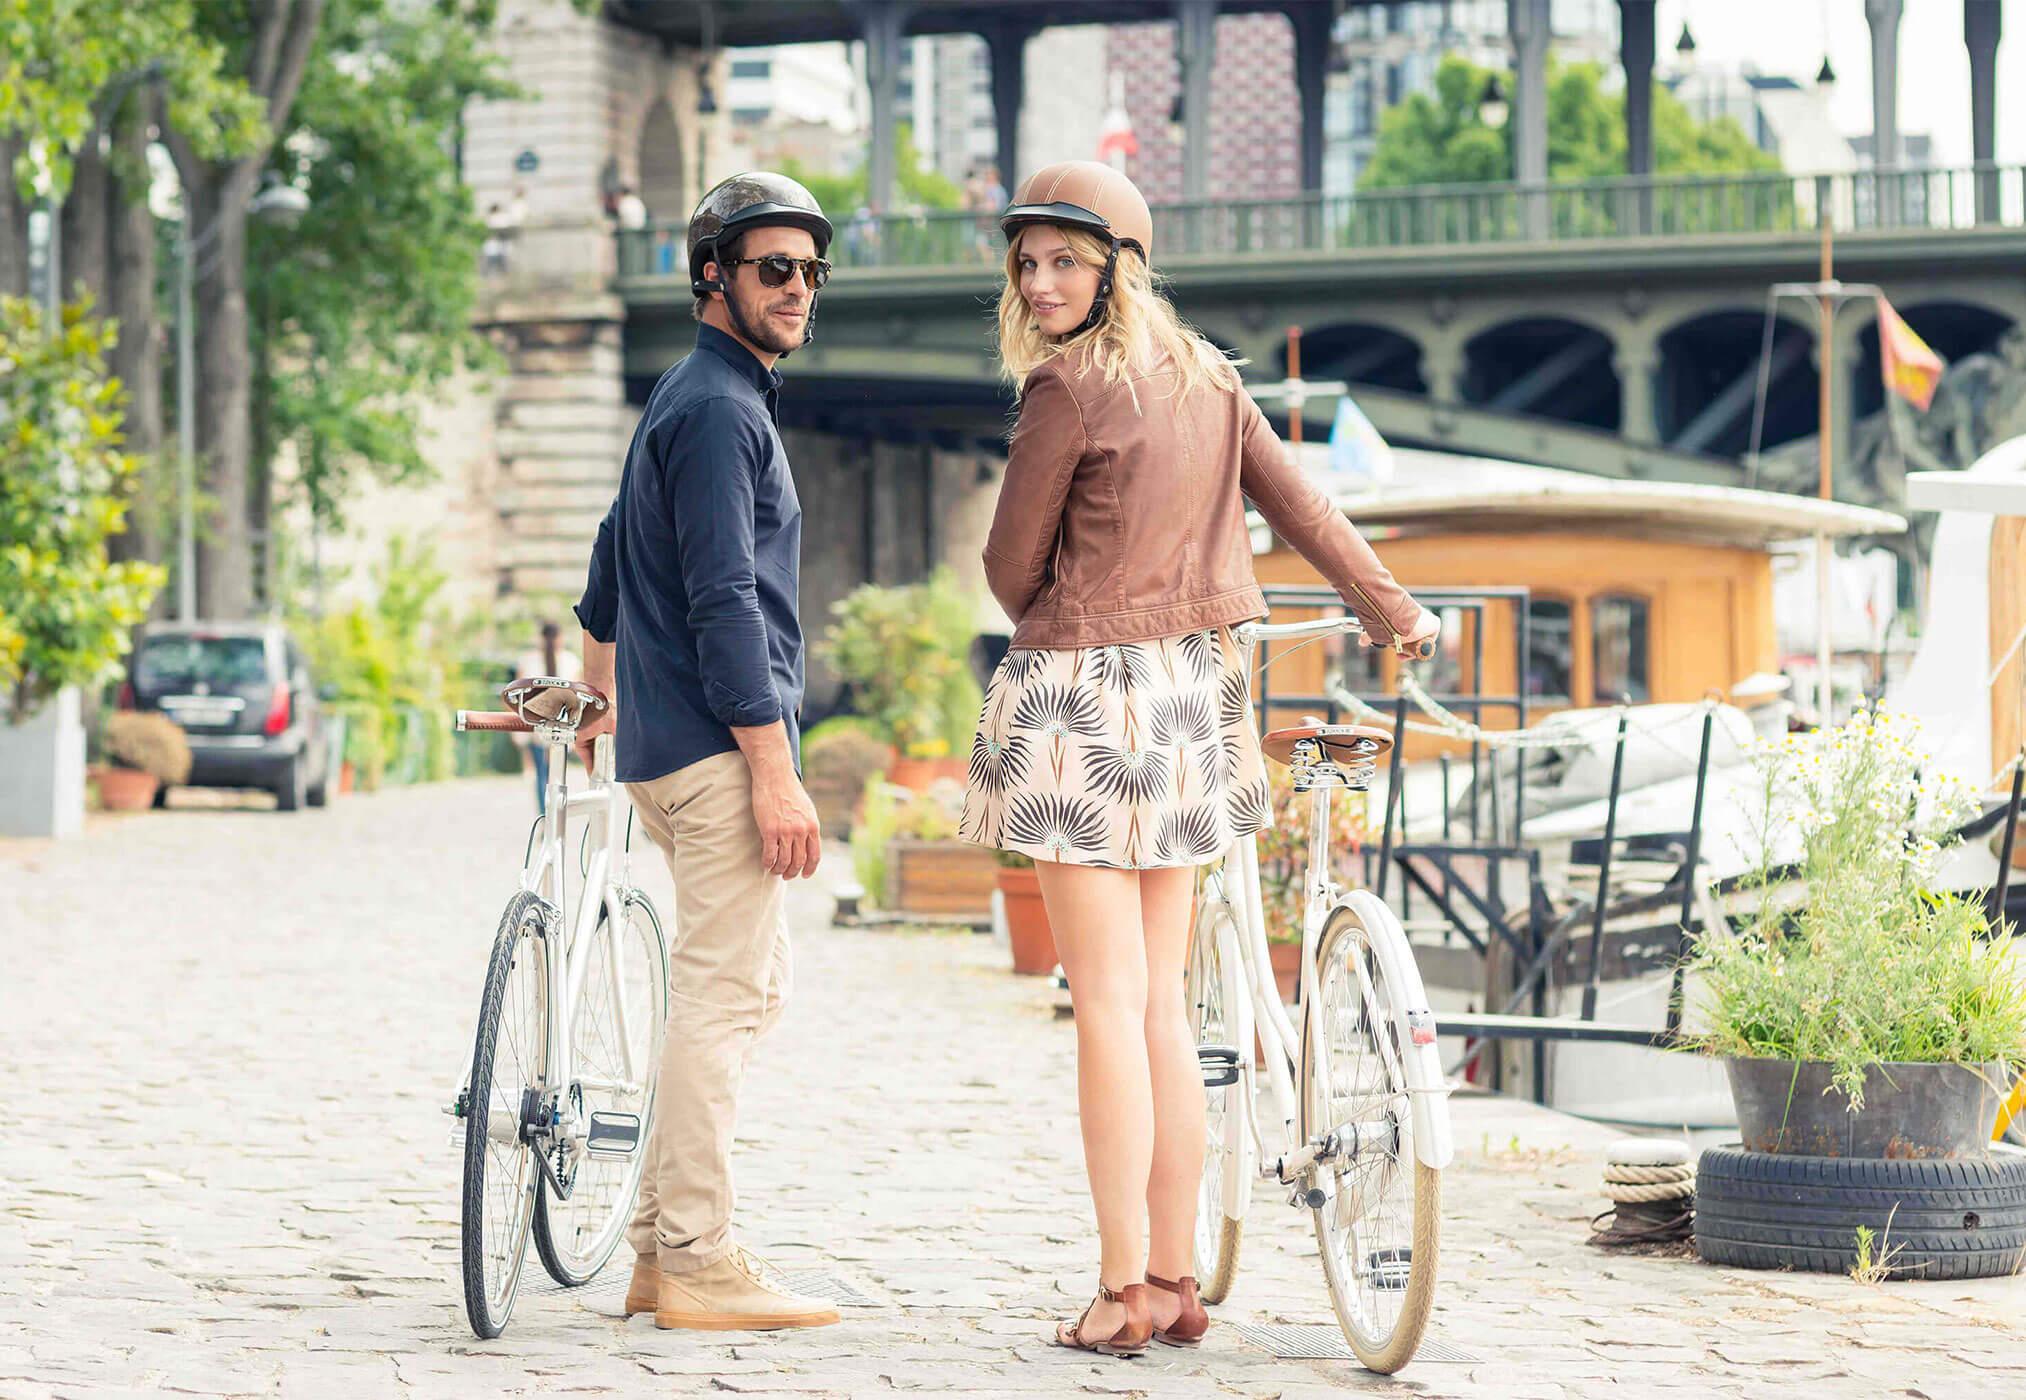 Casques de vélo Egide